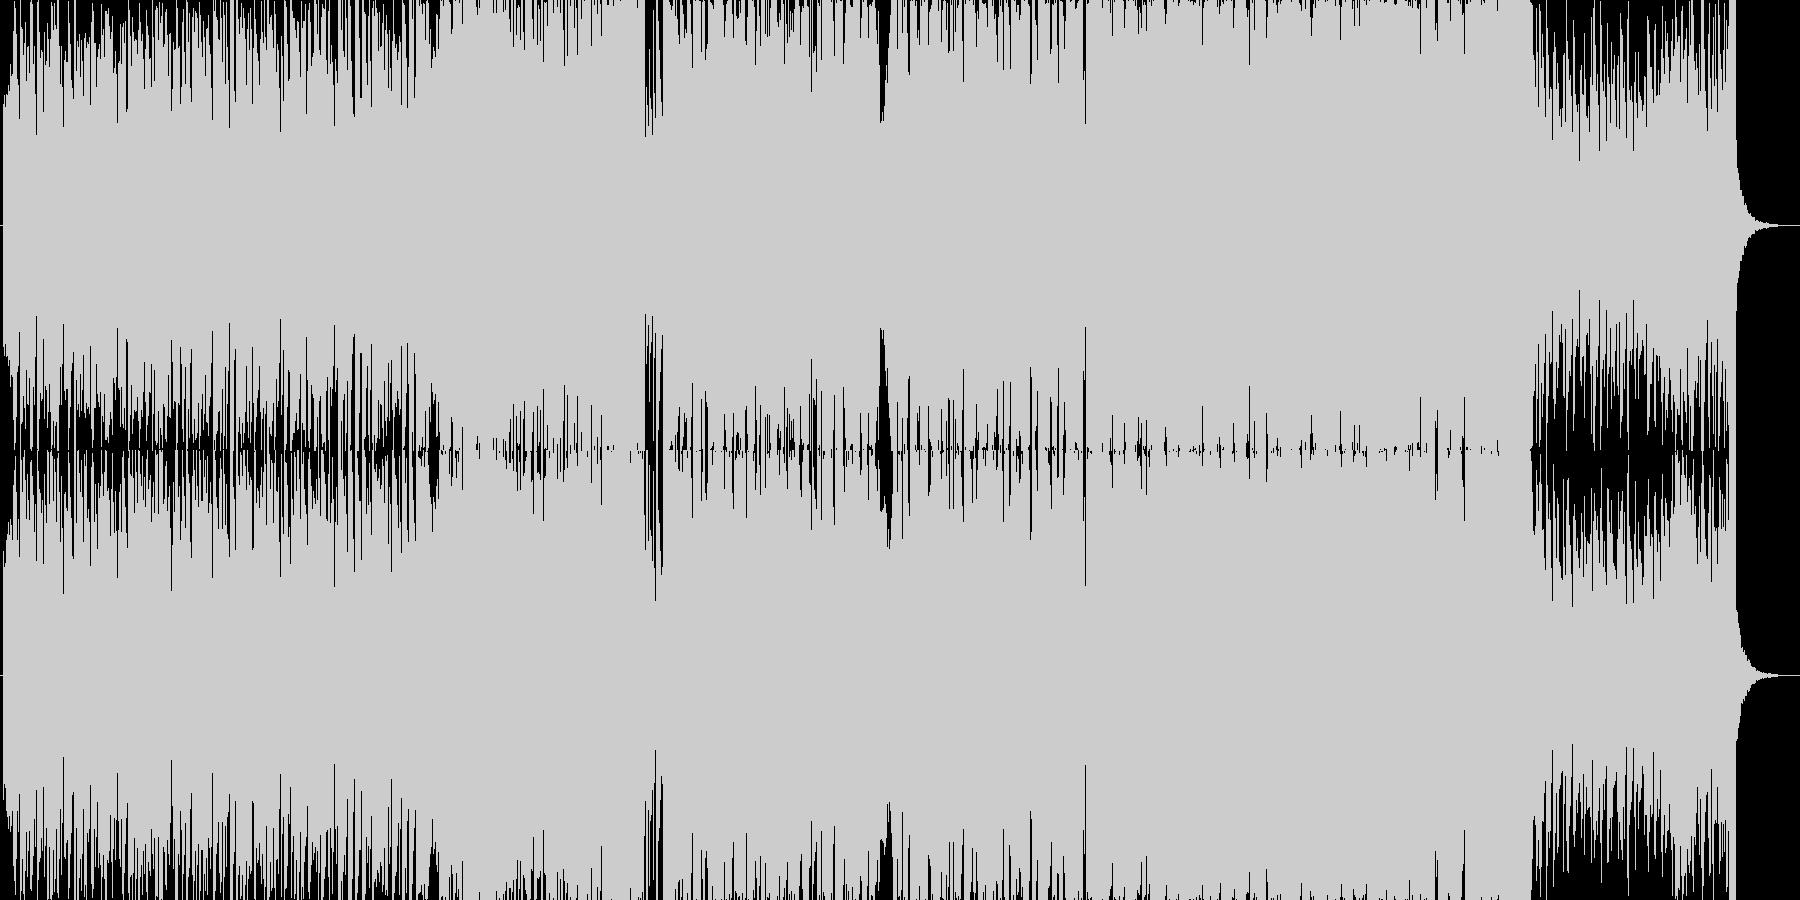 キラキラわくわくかわいいエレクトロBの未再生の波形